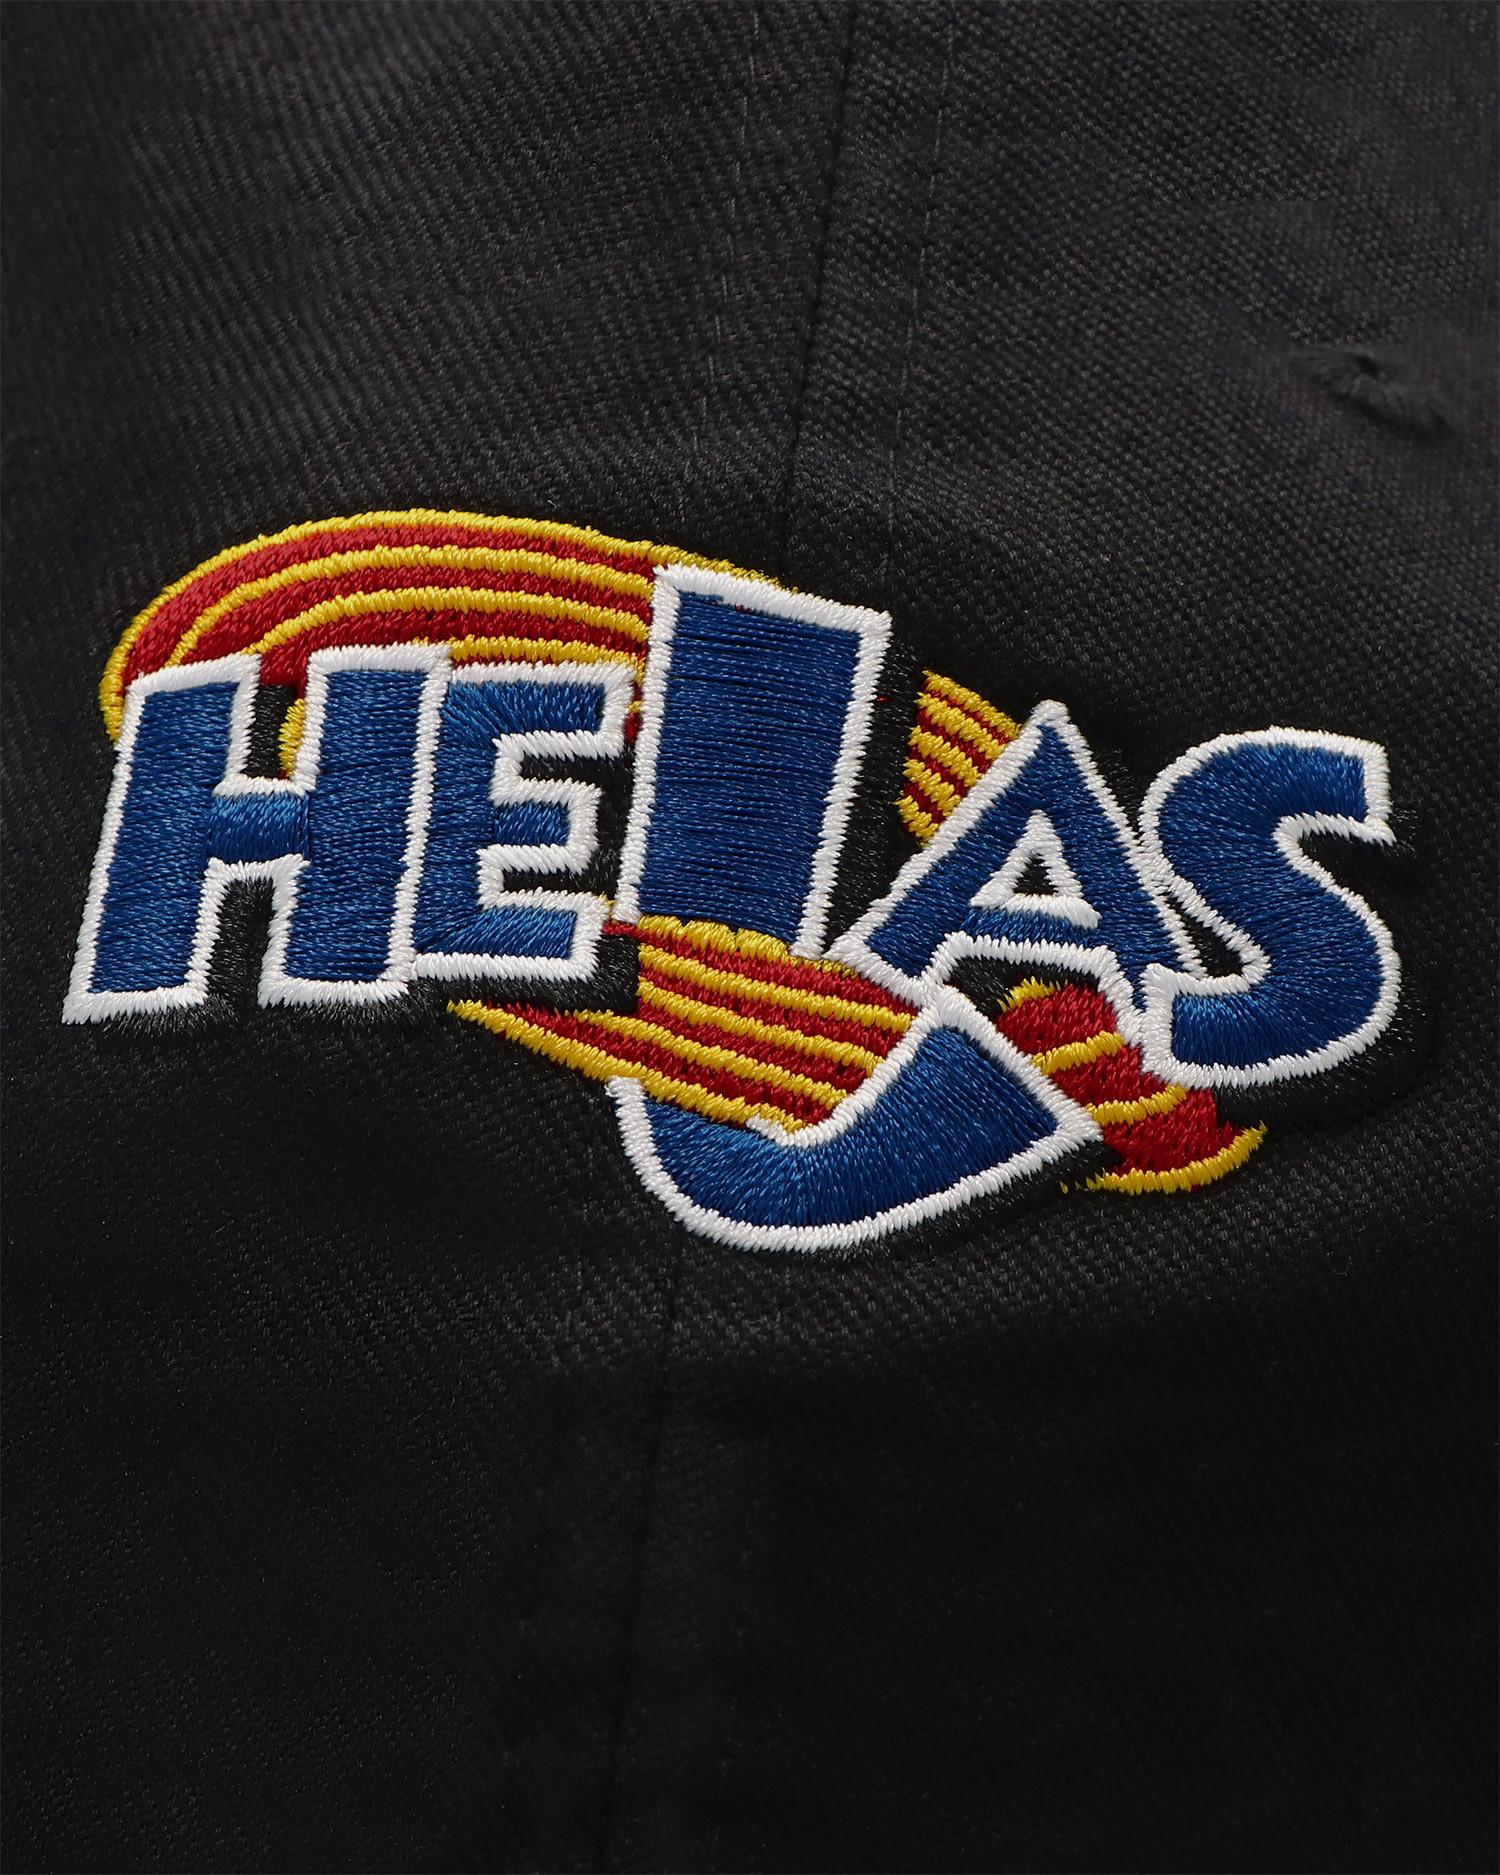 Helas Space Fam Snapback Black